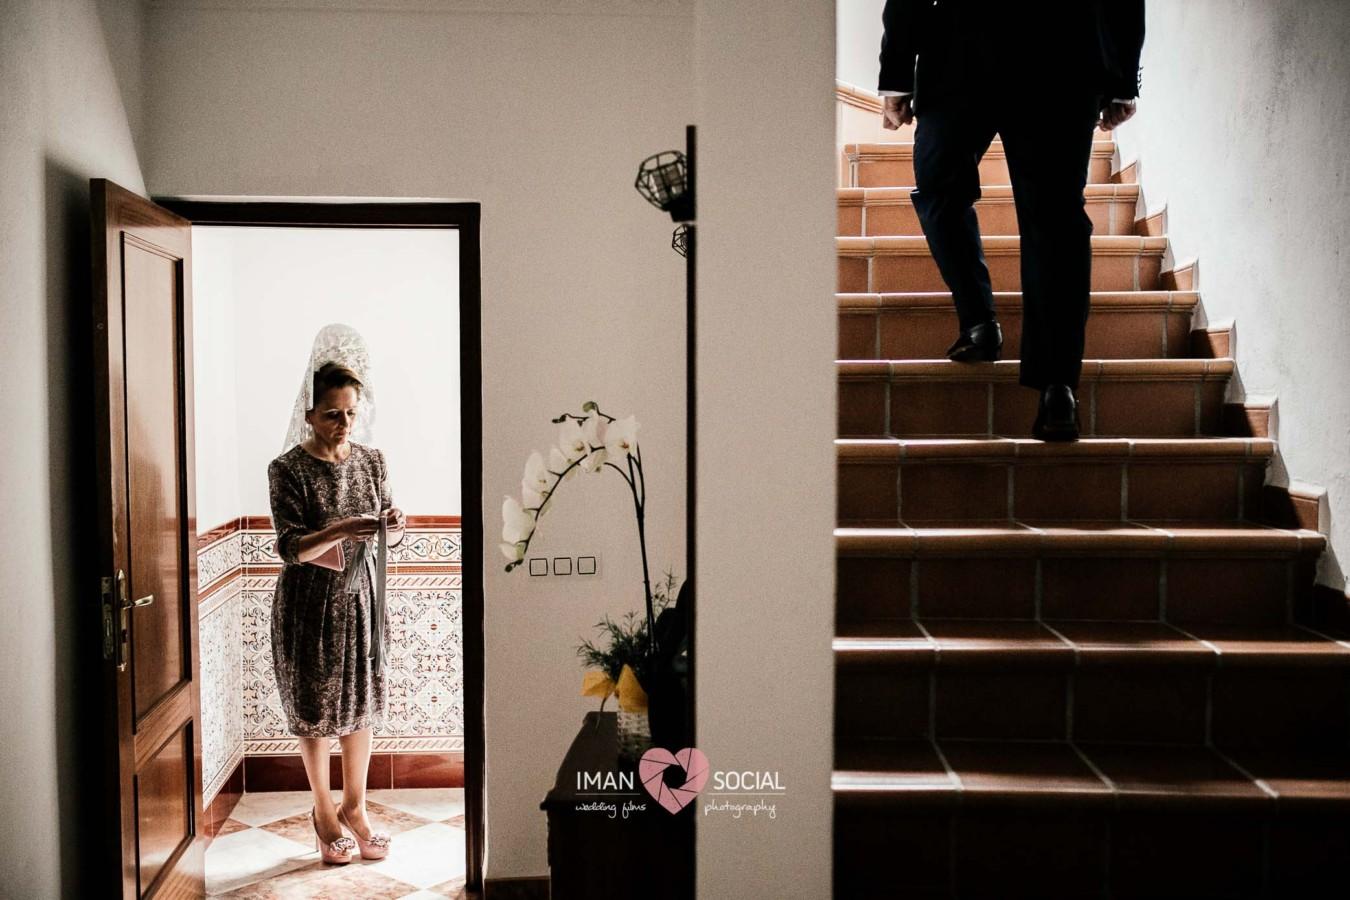 fotografo-de-boda-en-cordoba-sevilla-posadas-boda-auxi-y-antonio-10 Auxi & Antonio, primera boda de la temporada - video boda cordoba